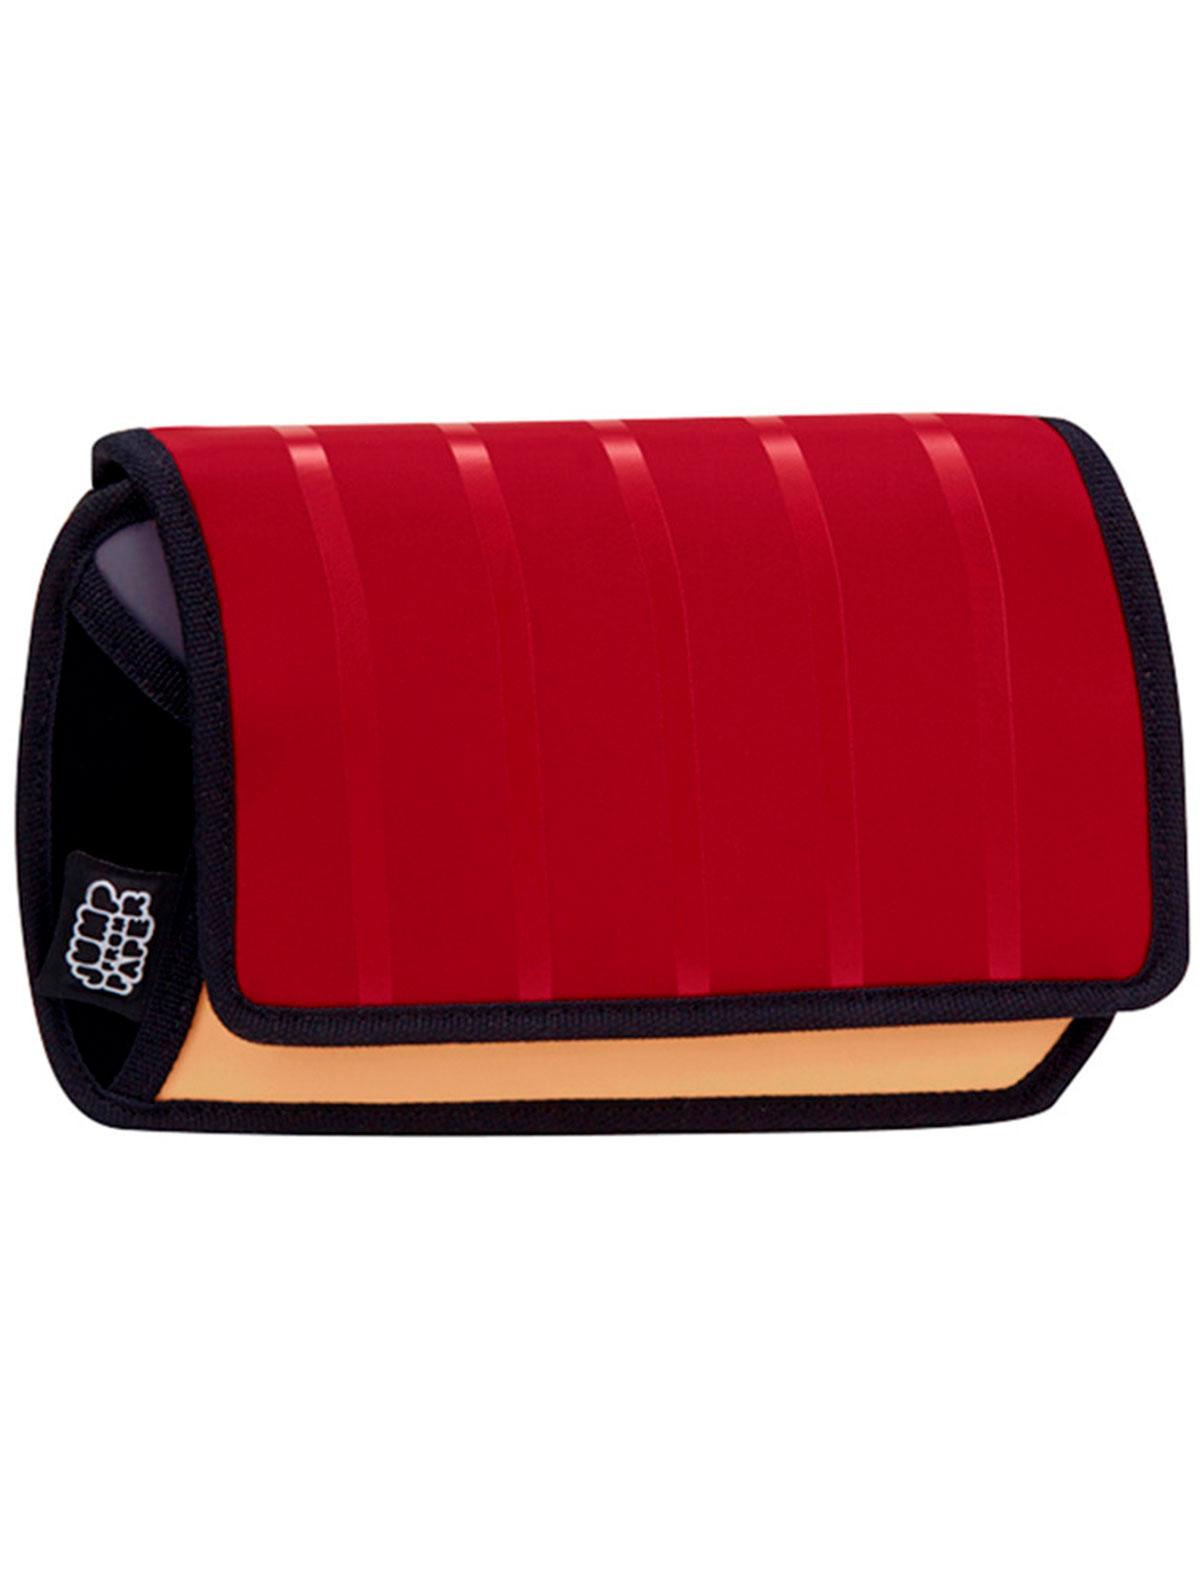 2220608, Сумка Jump From Paper, разноцветный, Женский, 1204508080055  - купить со скидкой